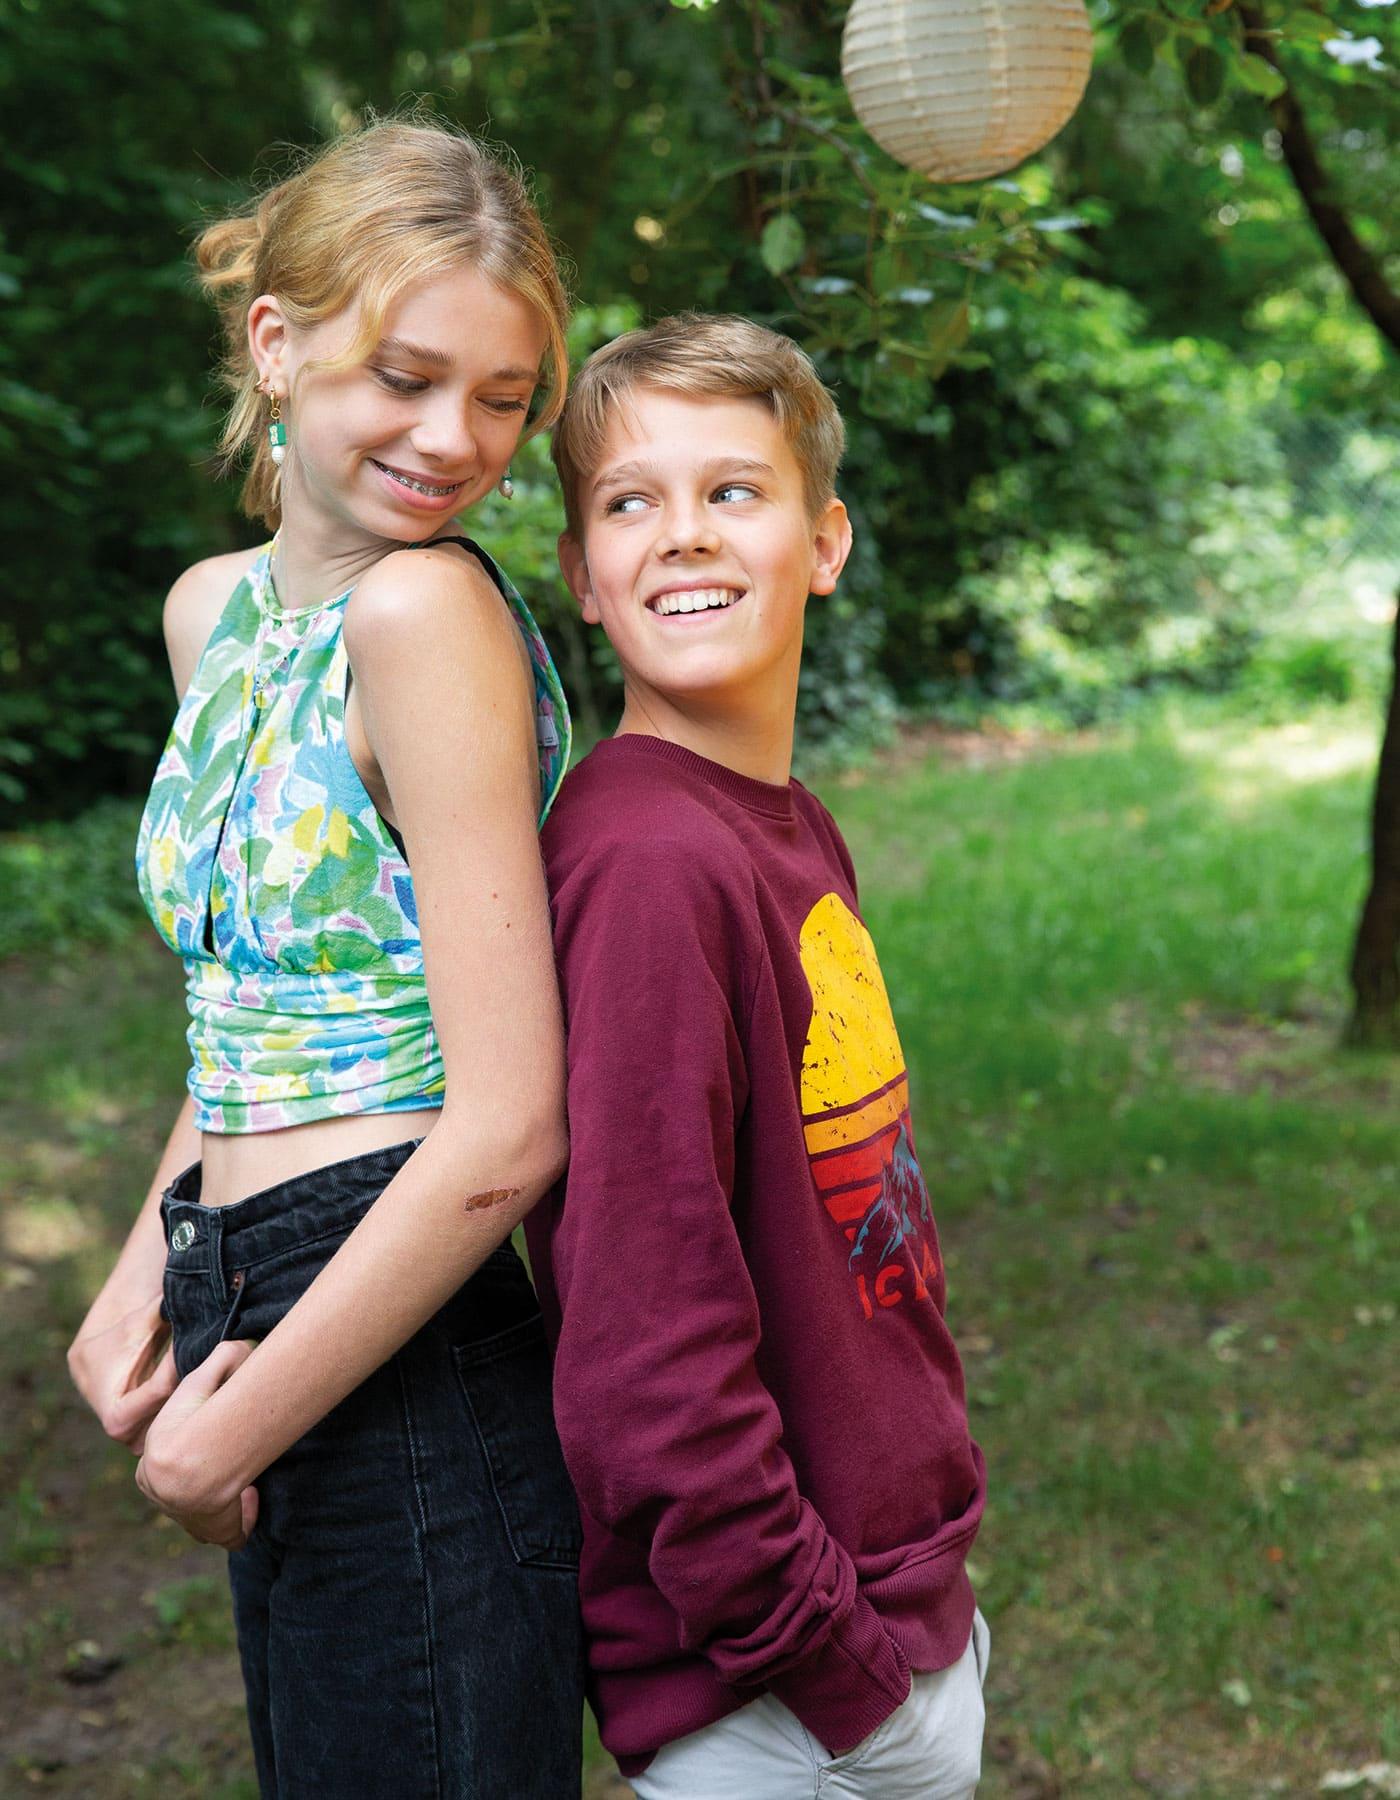 Kinder und Jugendliche engagieren sich für ein nachhaltigeres Leben und die Zukunft // HIMBEER